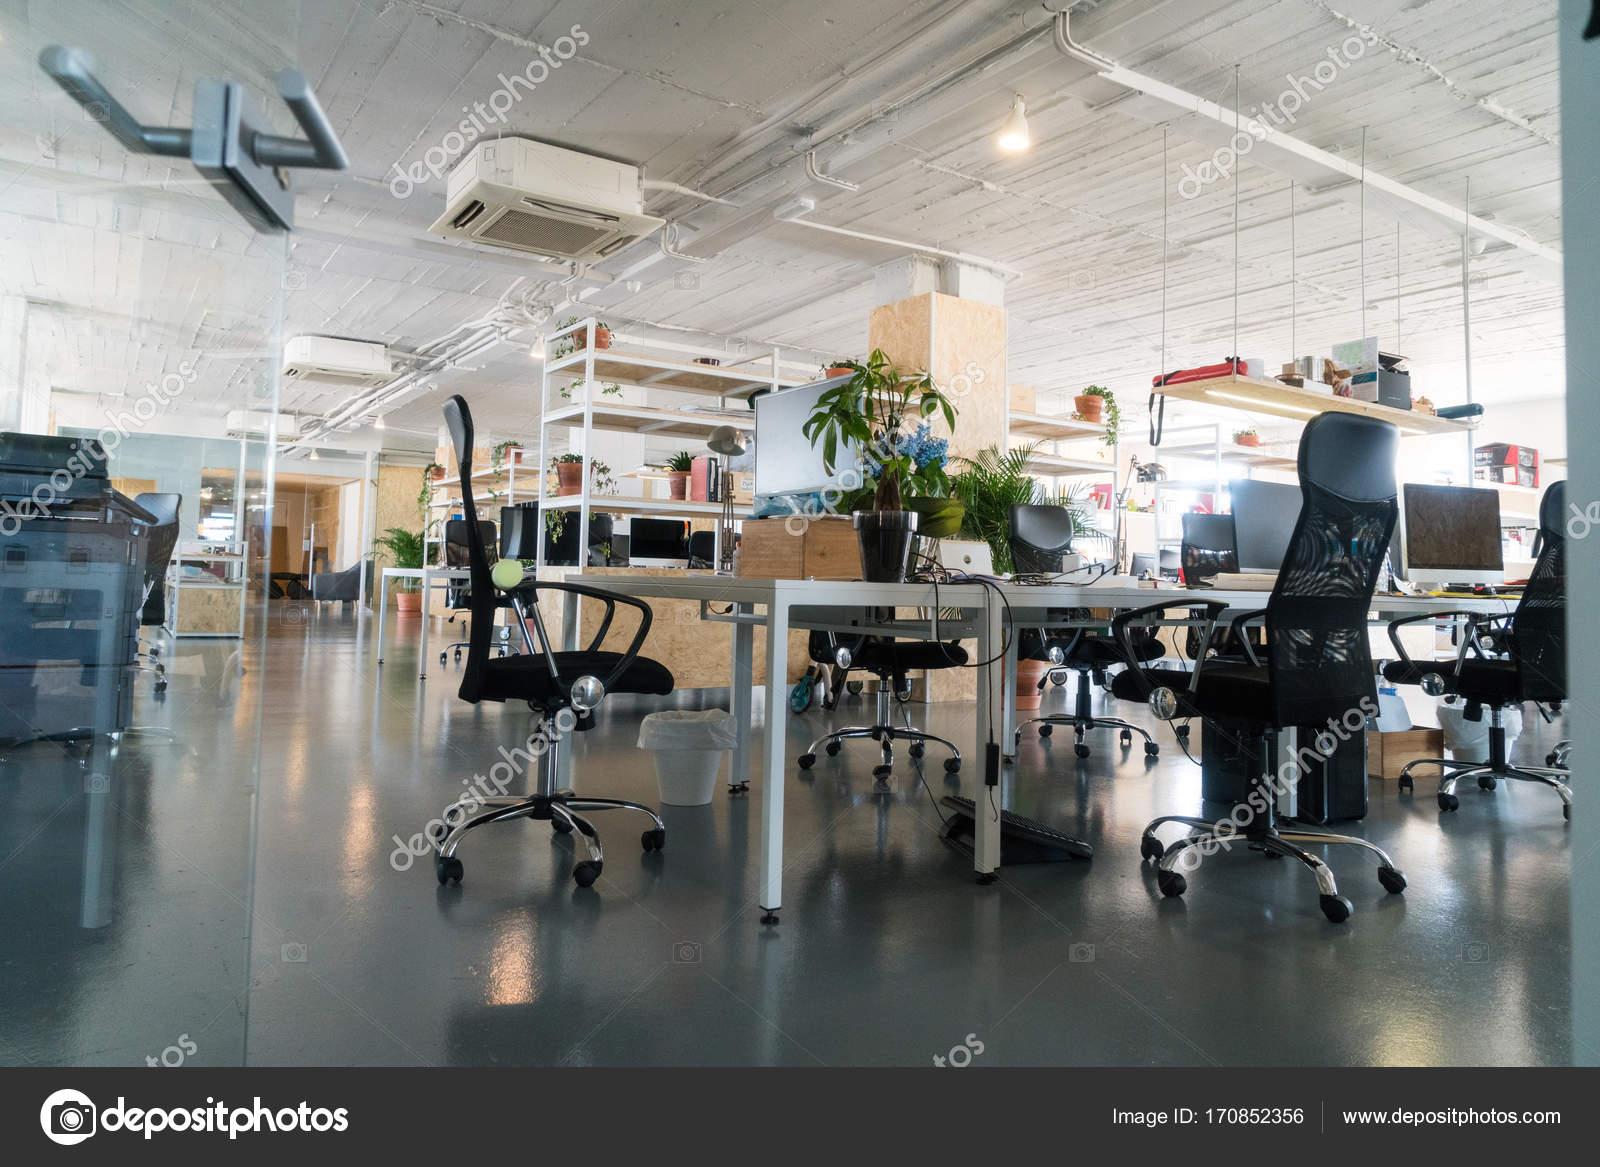 Binnenkant van stijlvol eigentijds kantoor u stockfoto skat